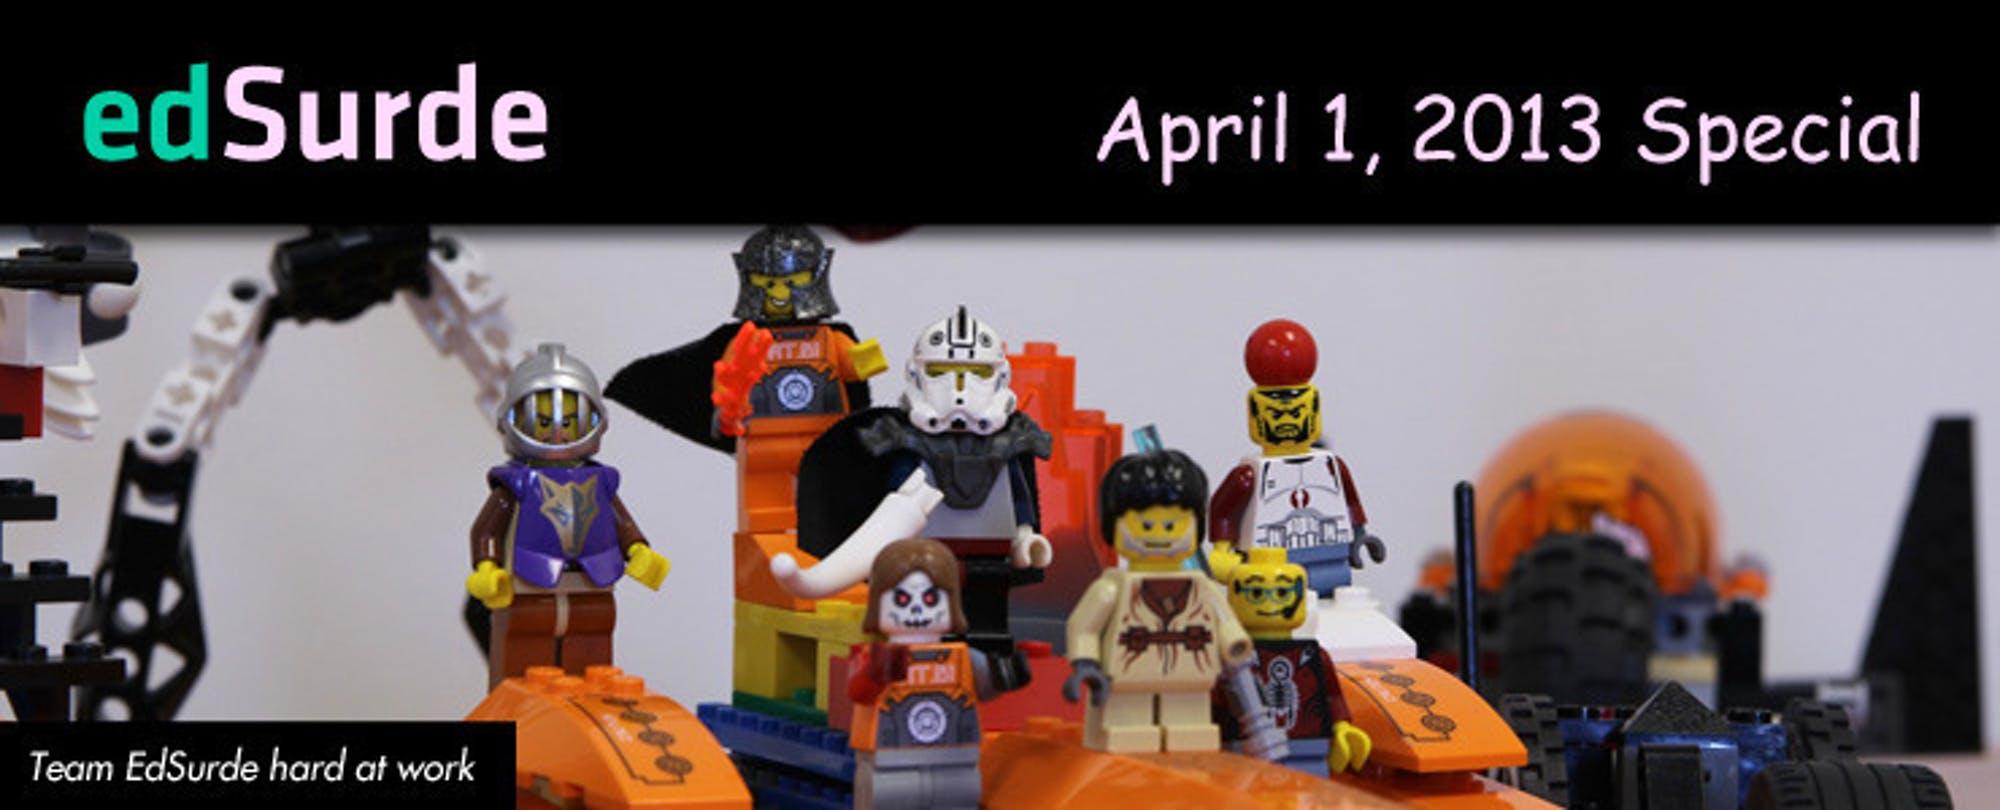 EXTRA! The EdSurde Annual April Special